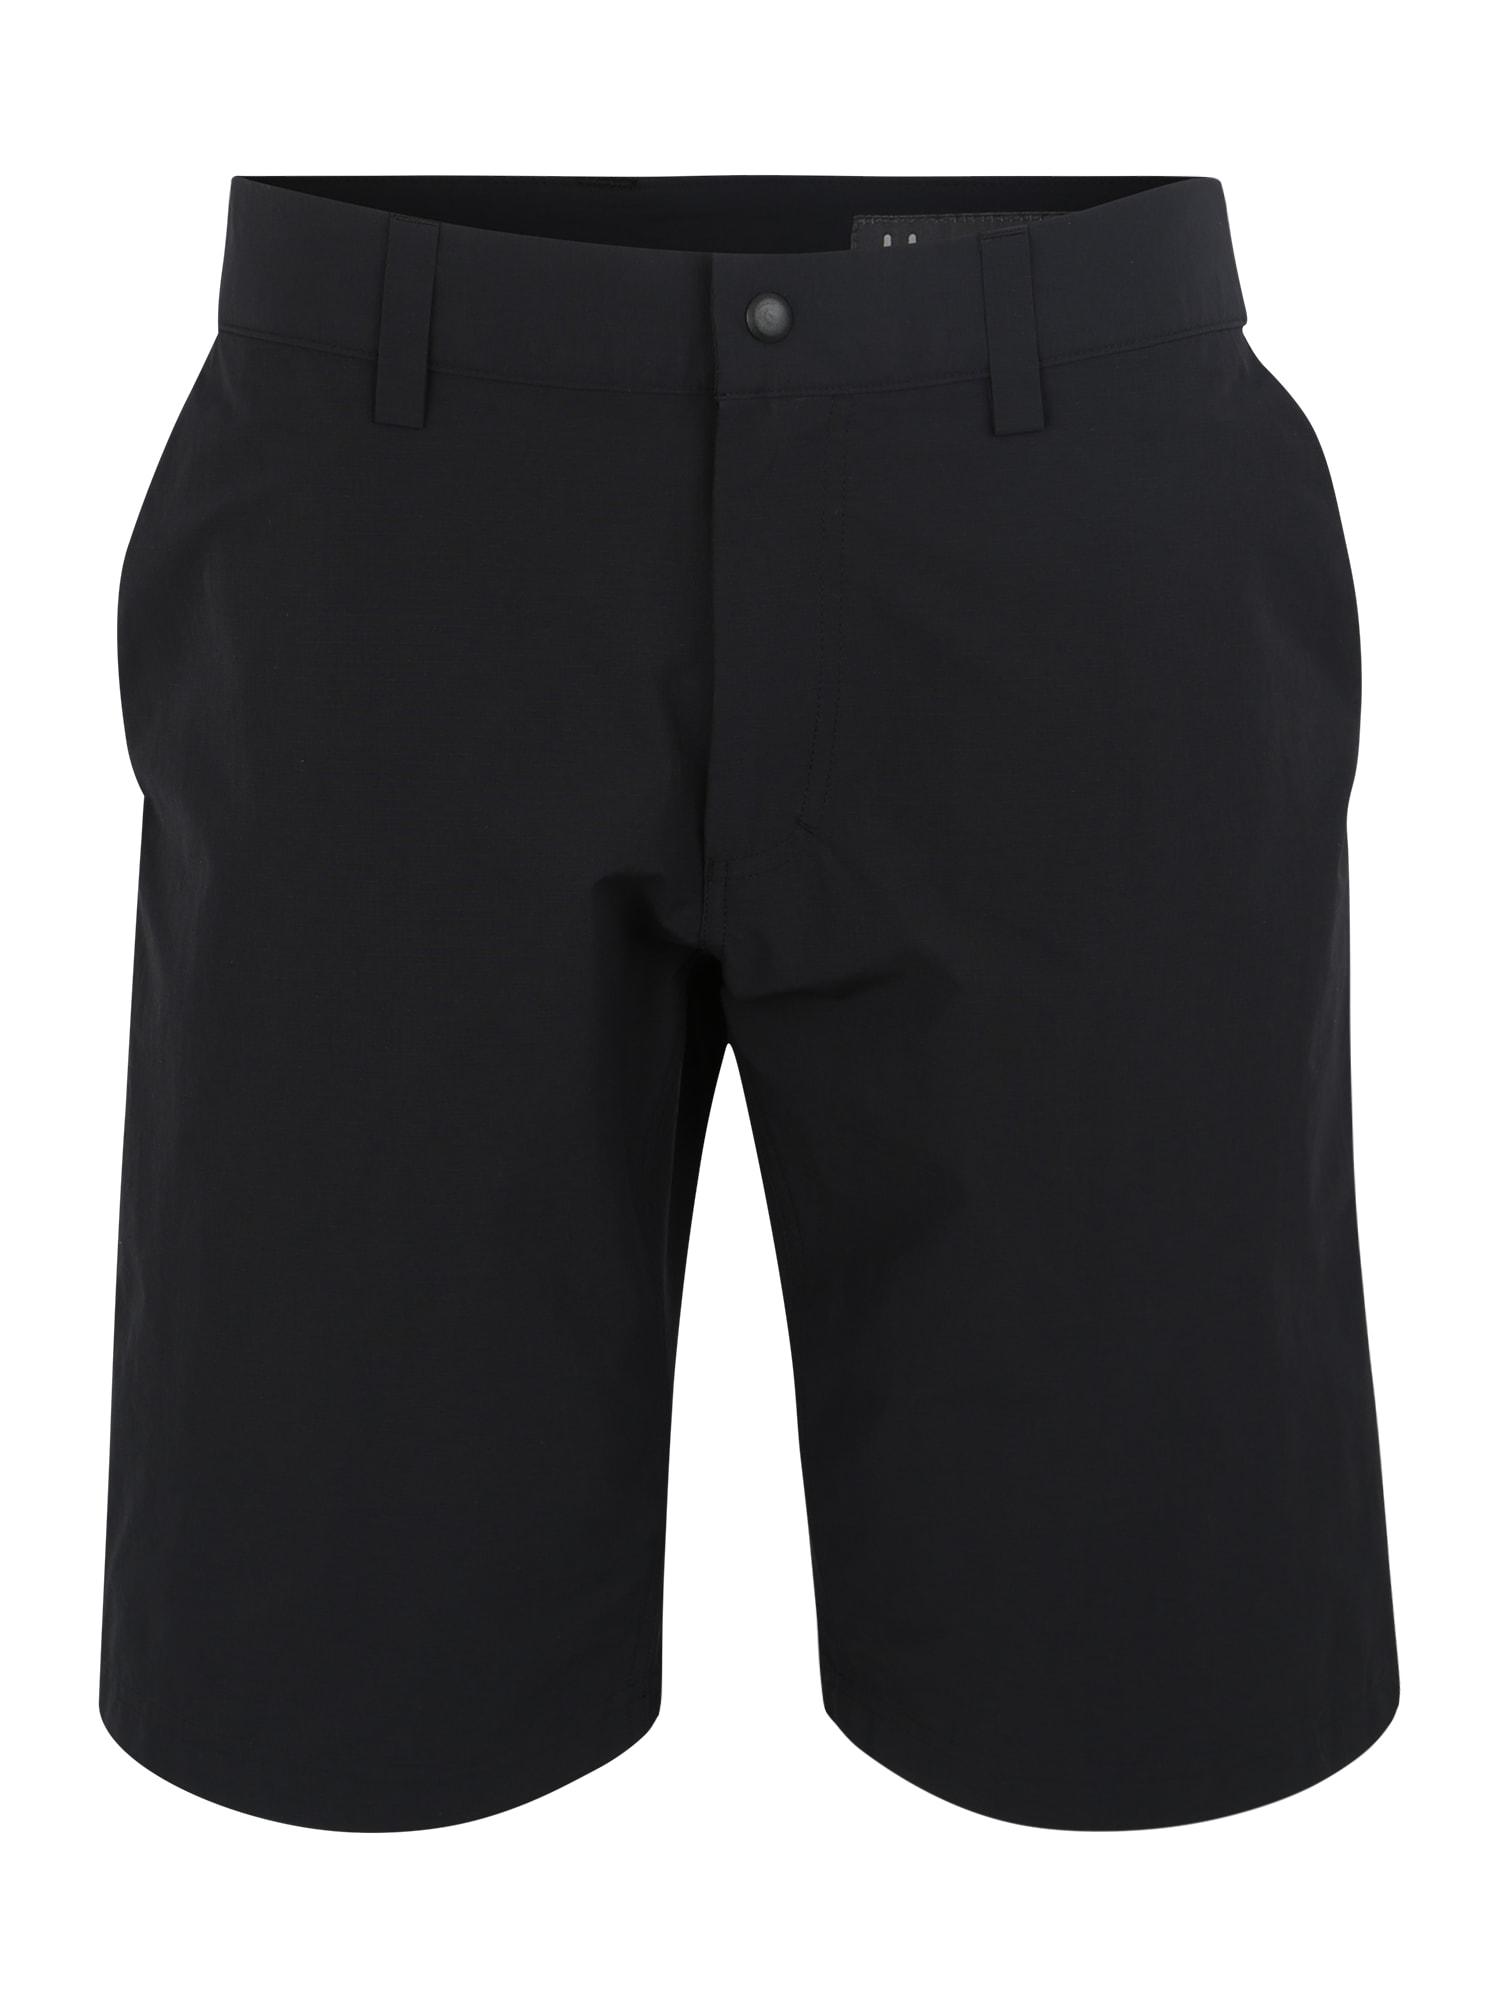 Sportovní kalhoty Amfibious černá Haglöfs